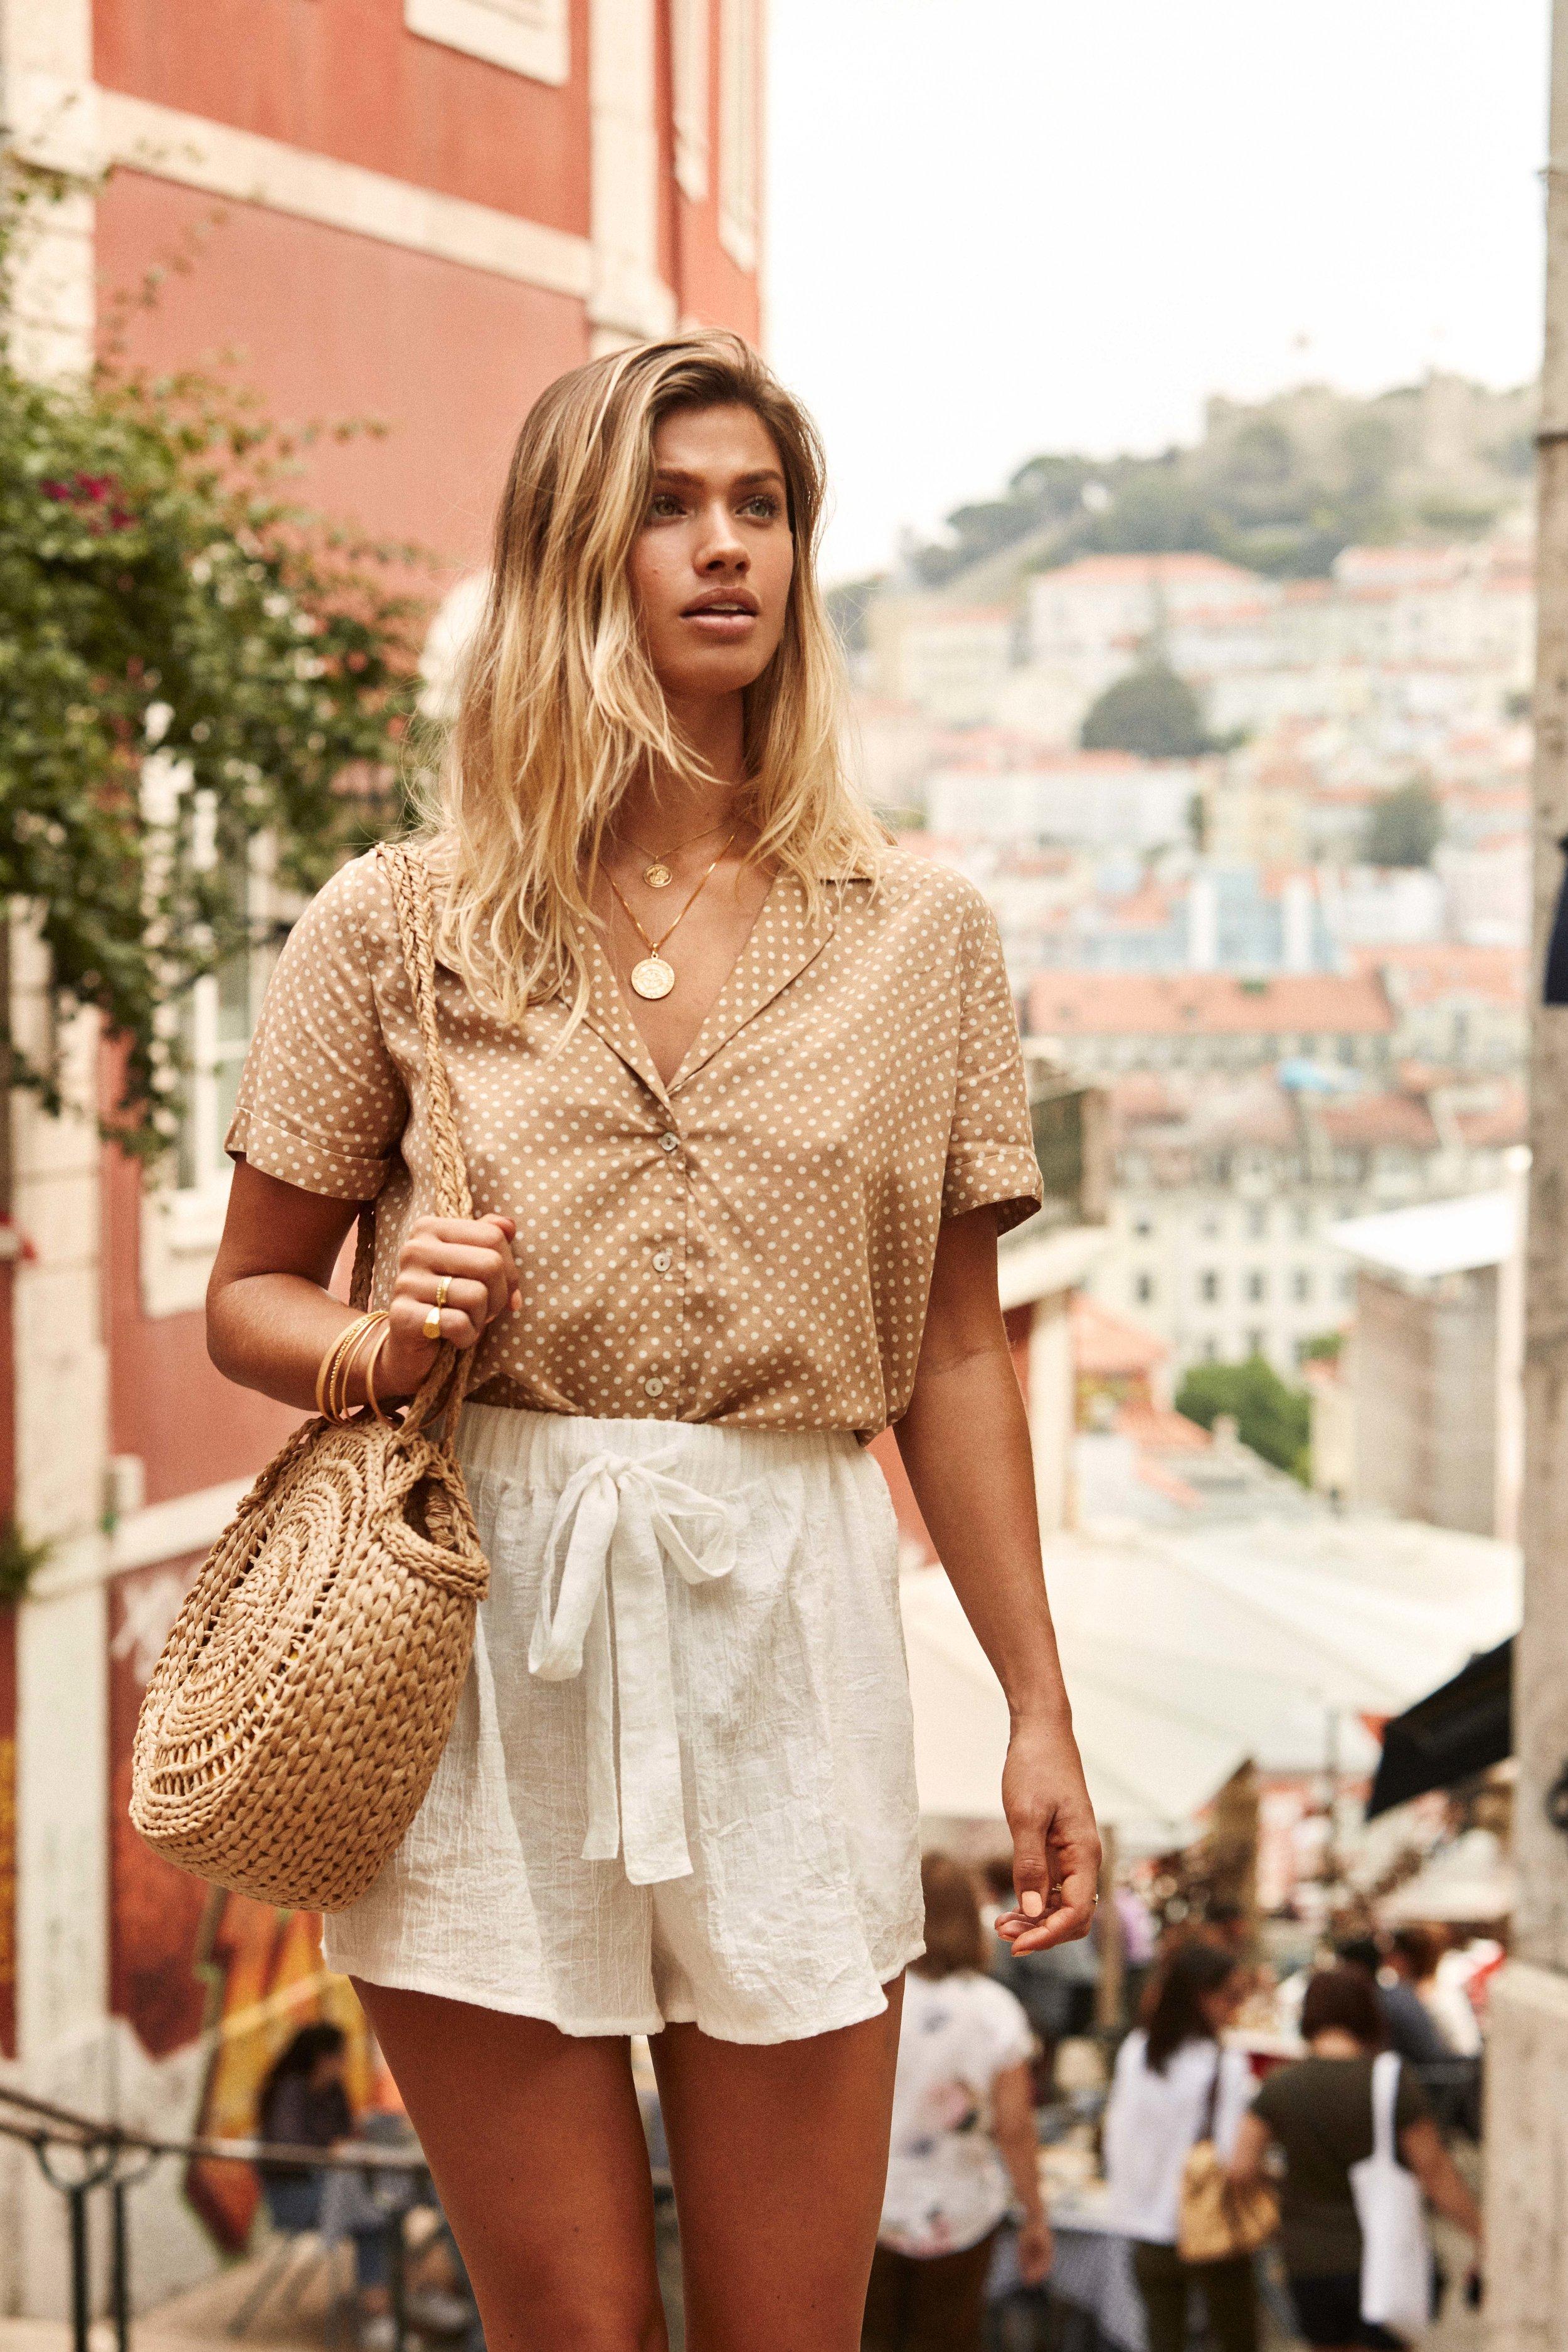 Palm Shirt Sand & Lisbon Short White & Tiki Beach Bag Straw 3.jpg